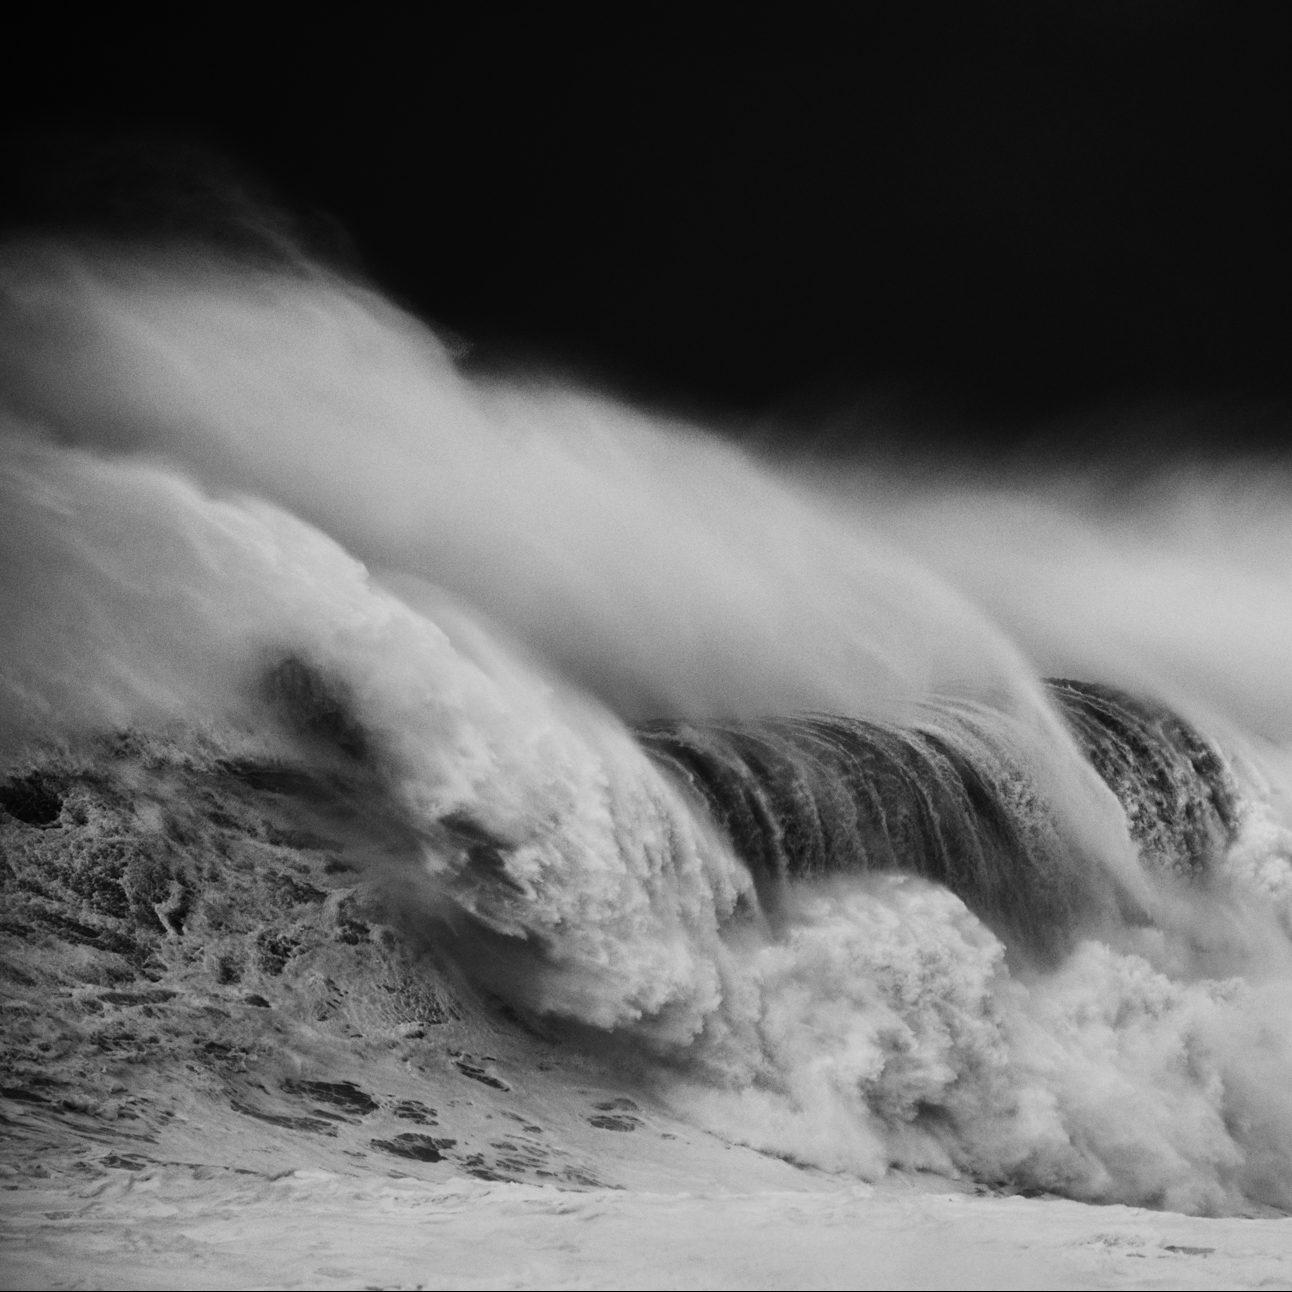 © Alessandro Puccinelli, Mare 351